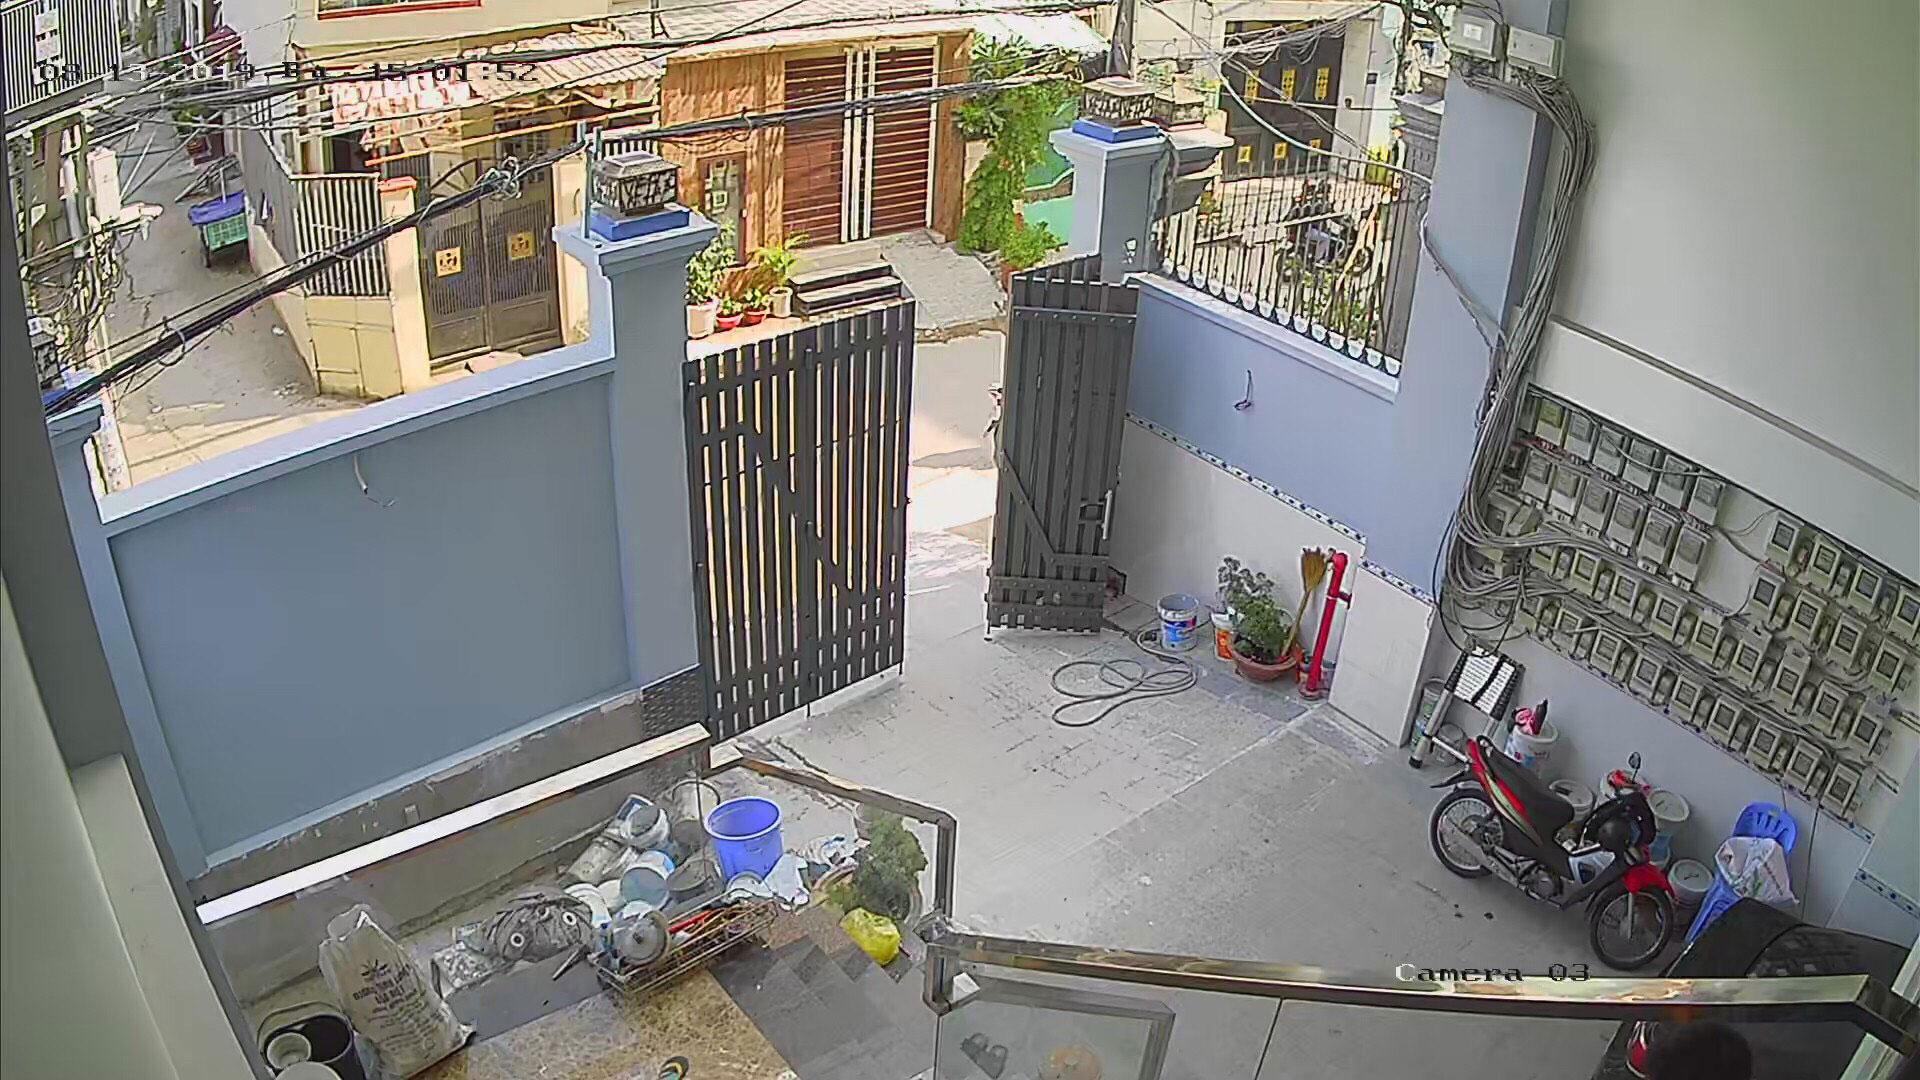 Camera IP hồng ngoại HIKVISION DS-2CD1002-I 720p